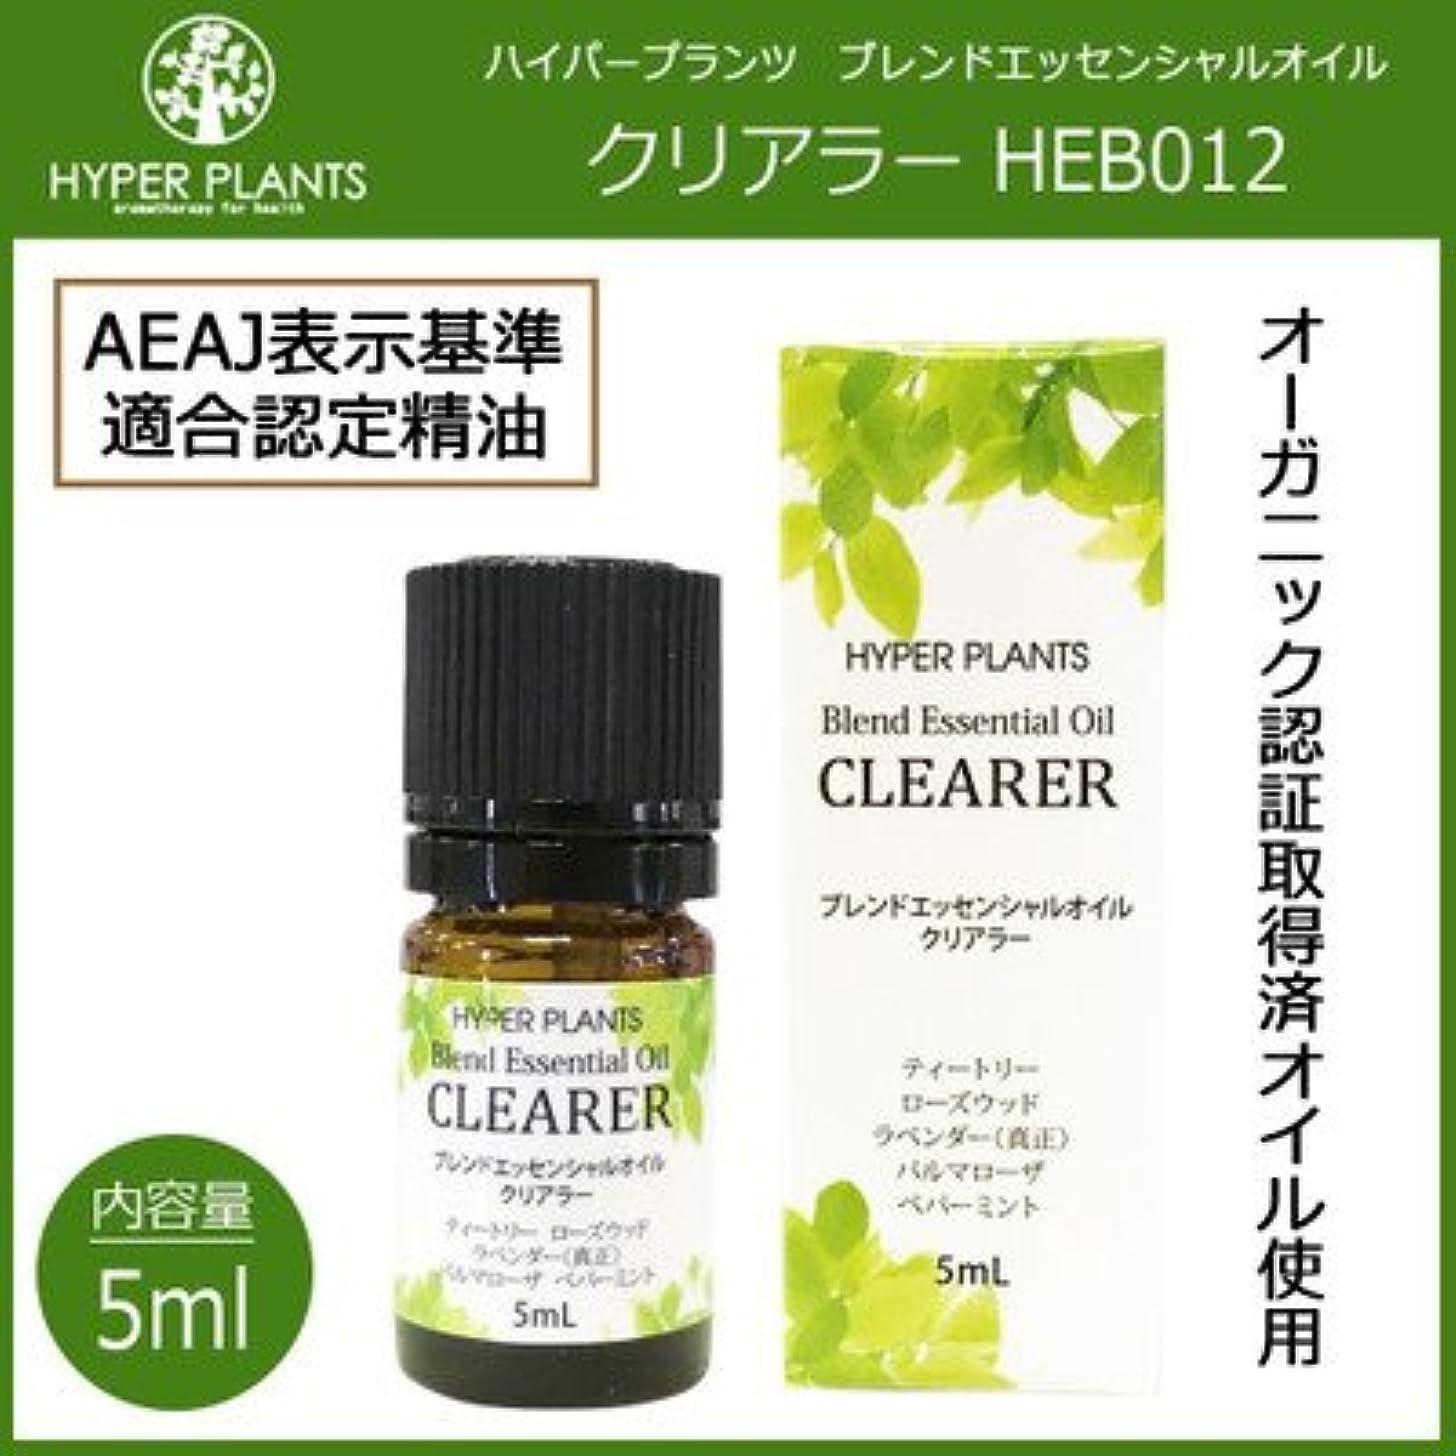 現実プラカードドロー毎日の生活にアロマの香りを HYPER PLANTS ハイパープランツ ブレンドエッセンシャルオイル クリアラー 5ml HEB012